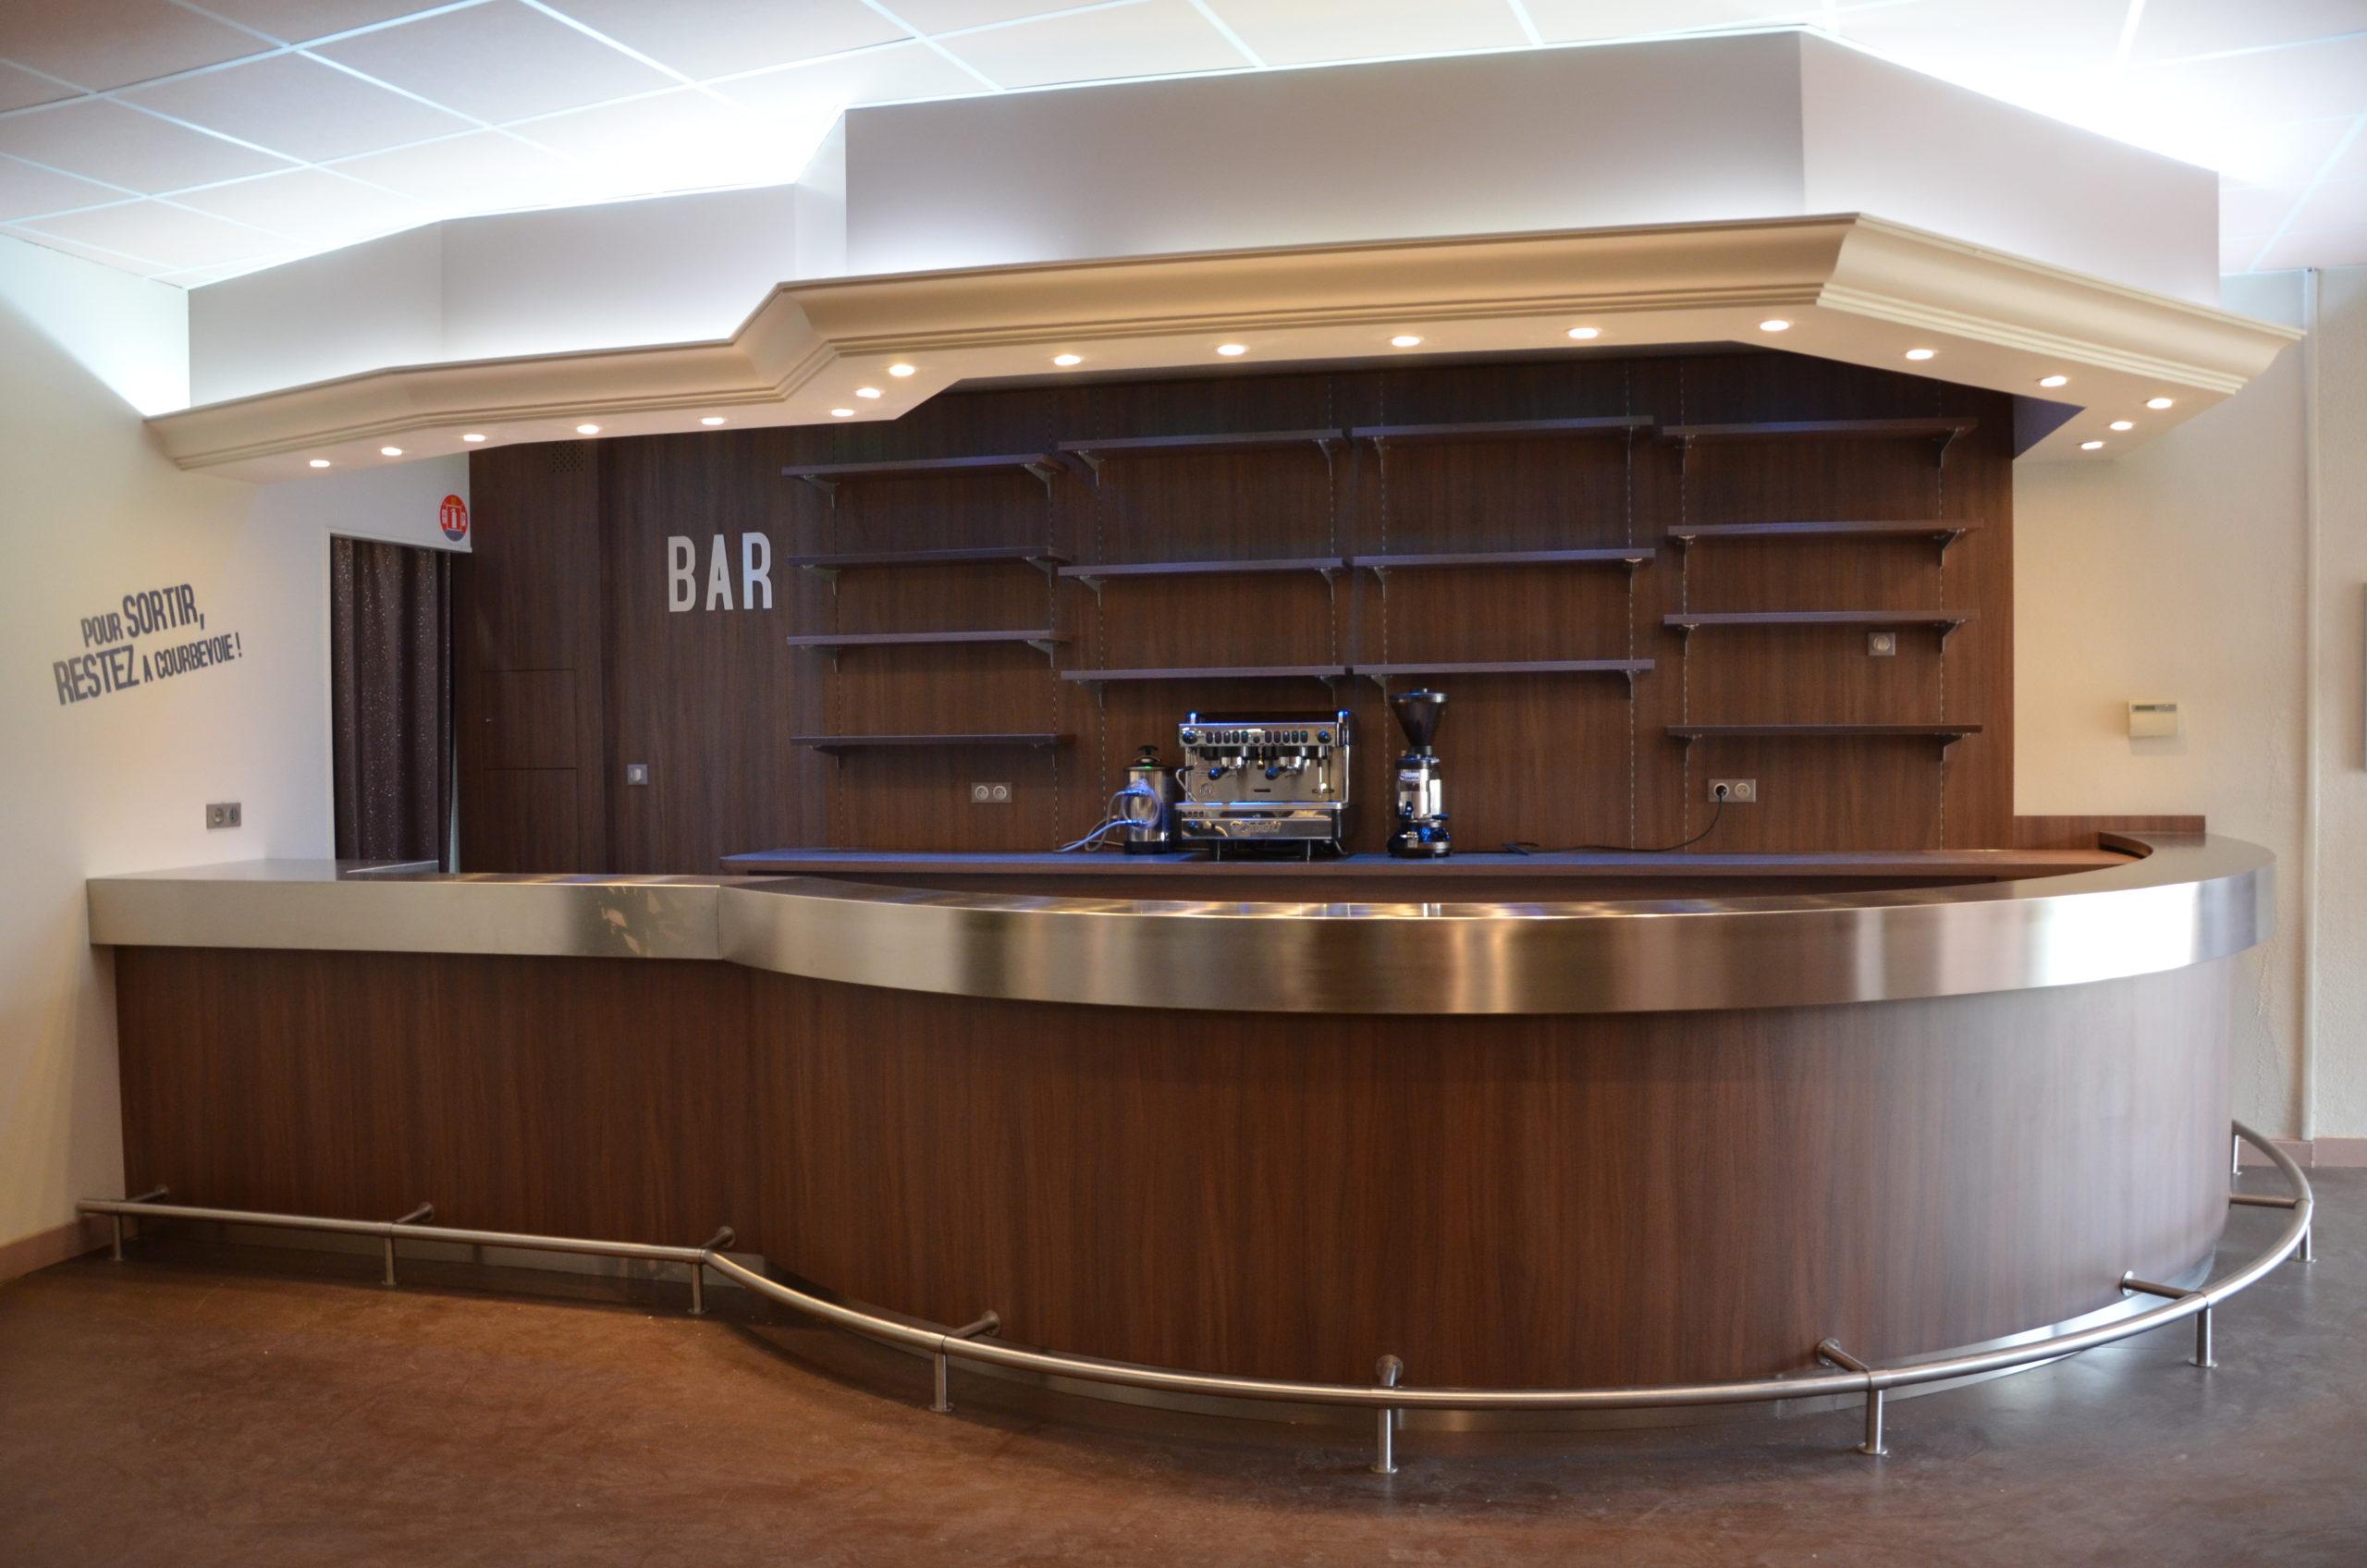 Vue complète du bar